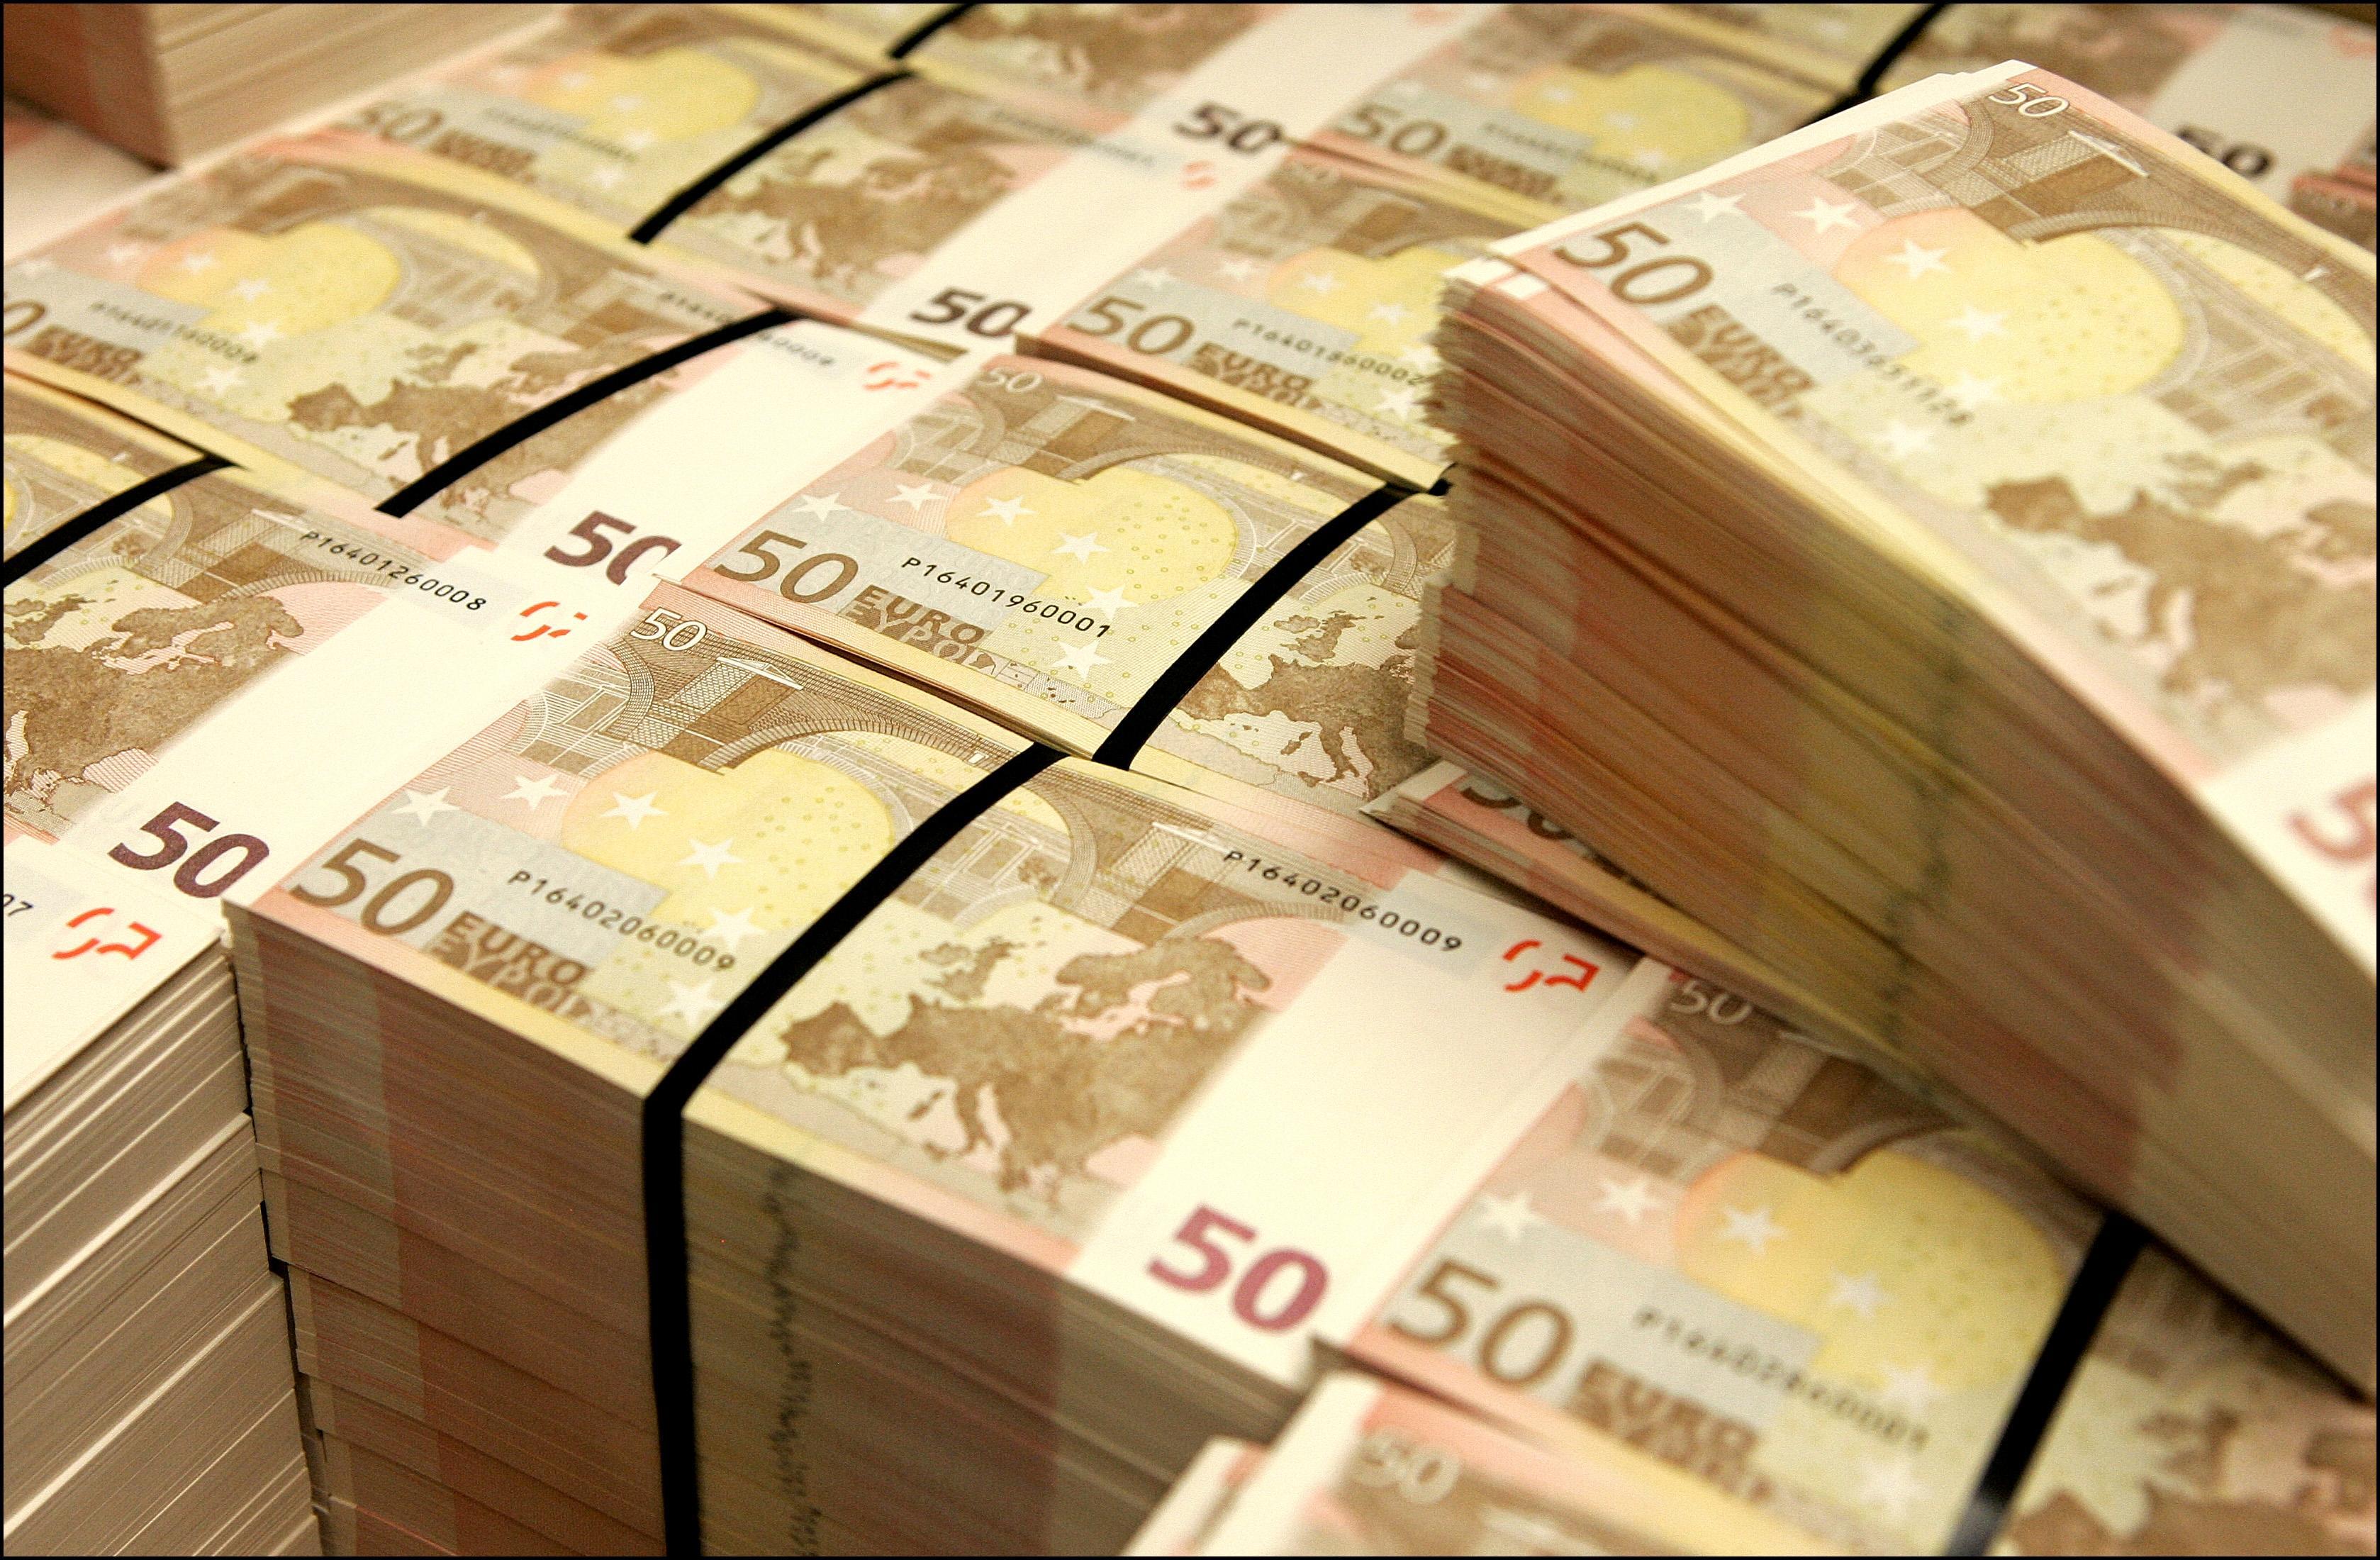 Zak vol geld bij jas uit kringloopwinkel. Eens gegeven blijft gegeven. Toch? | column